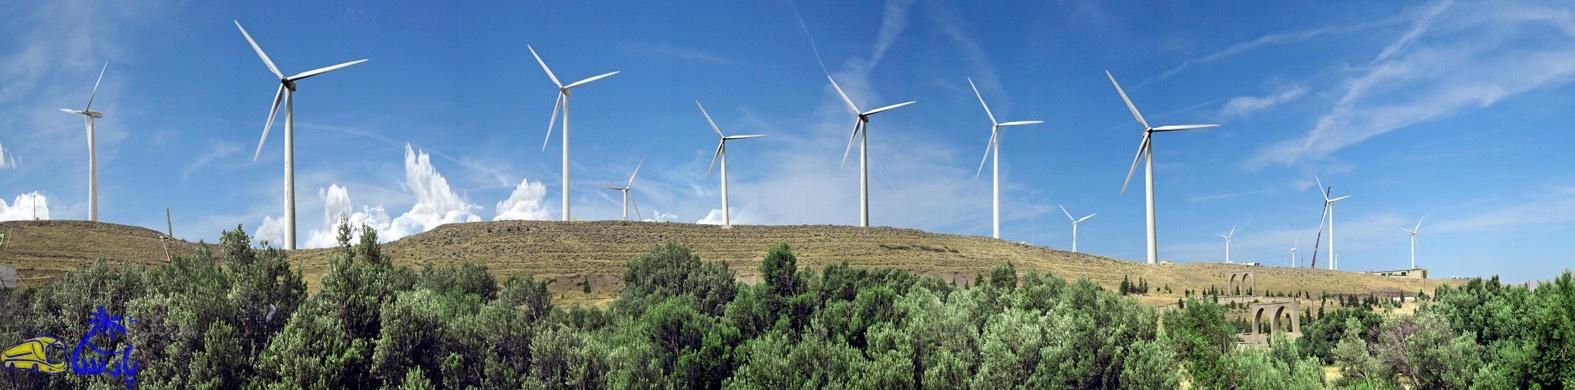 نیروگاه های بادی منجیل